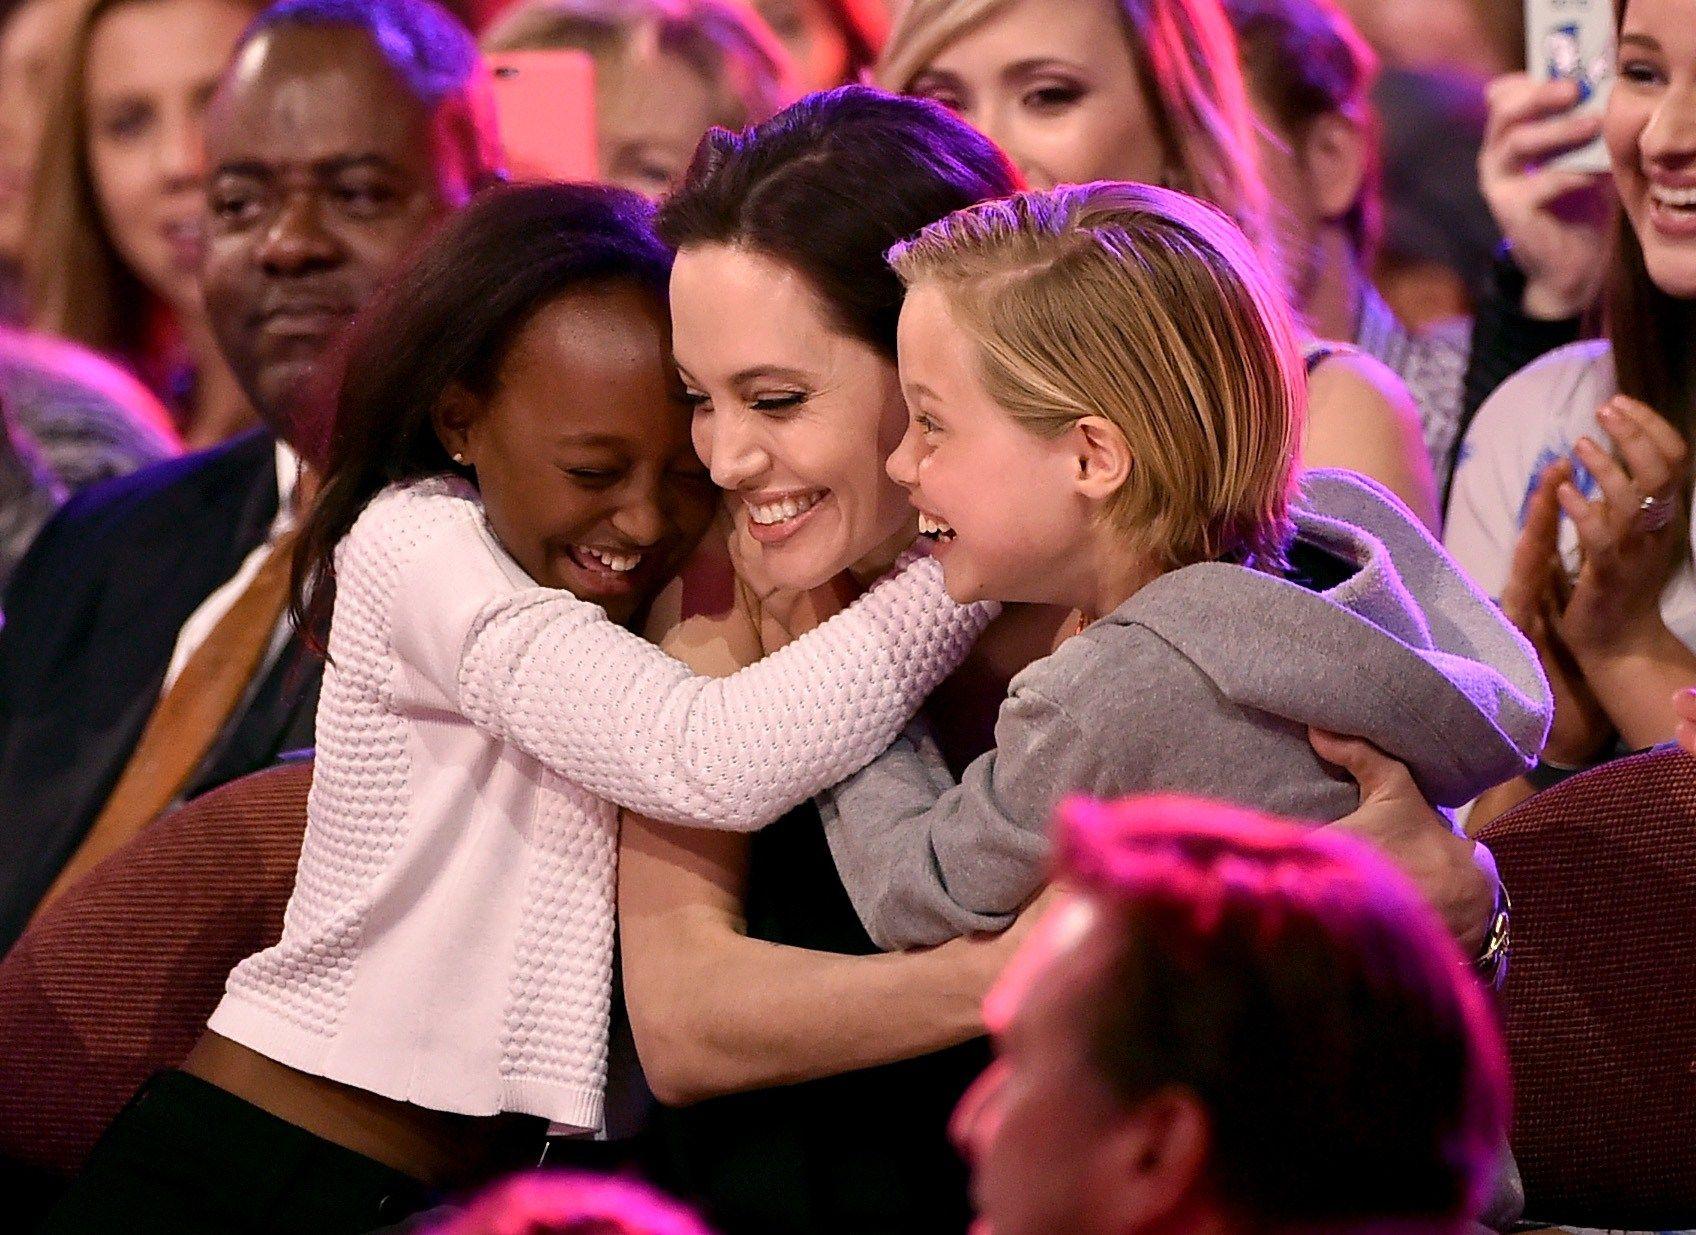 FORELDRERETT-TVIST: Angelina Jolie, her med barna Zahara Marley Jolie-Pitt og Shiloh Nouvel Jolie-Pitt under Nickelodeons Kids Choice Awards i 2015, må sørge for at barna får et bedre forhold med faren, ifølge rettsdokumenter.